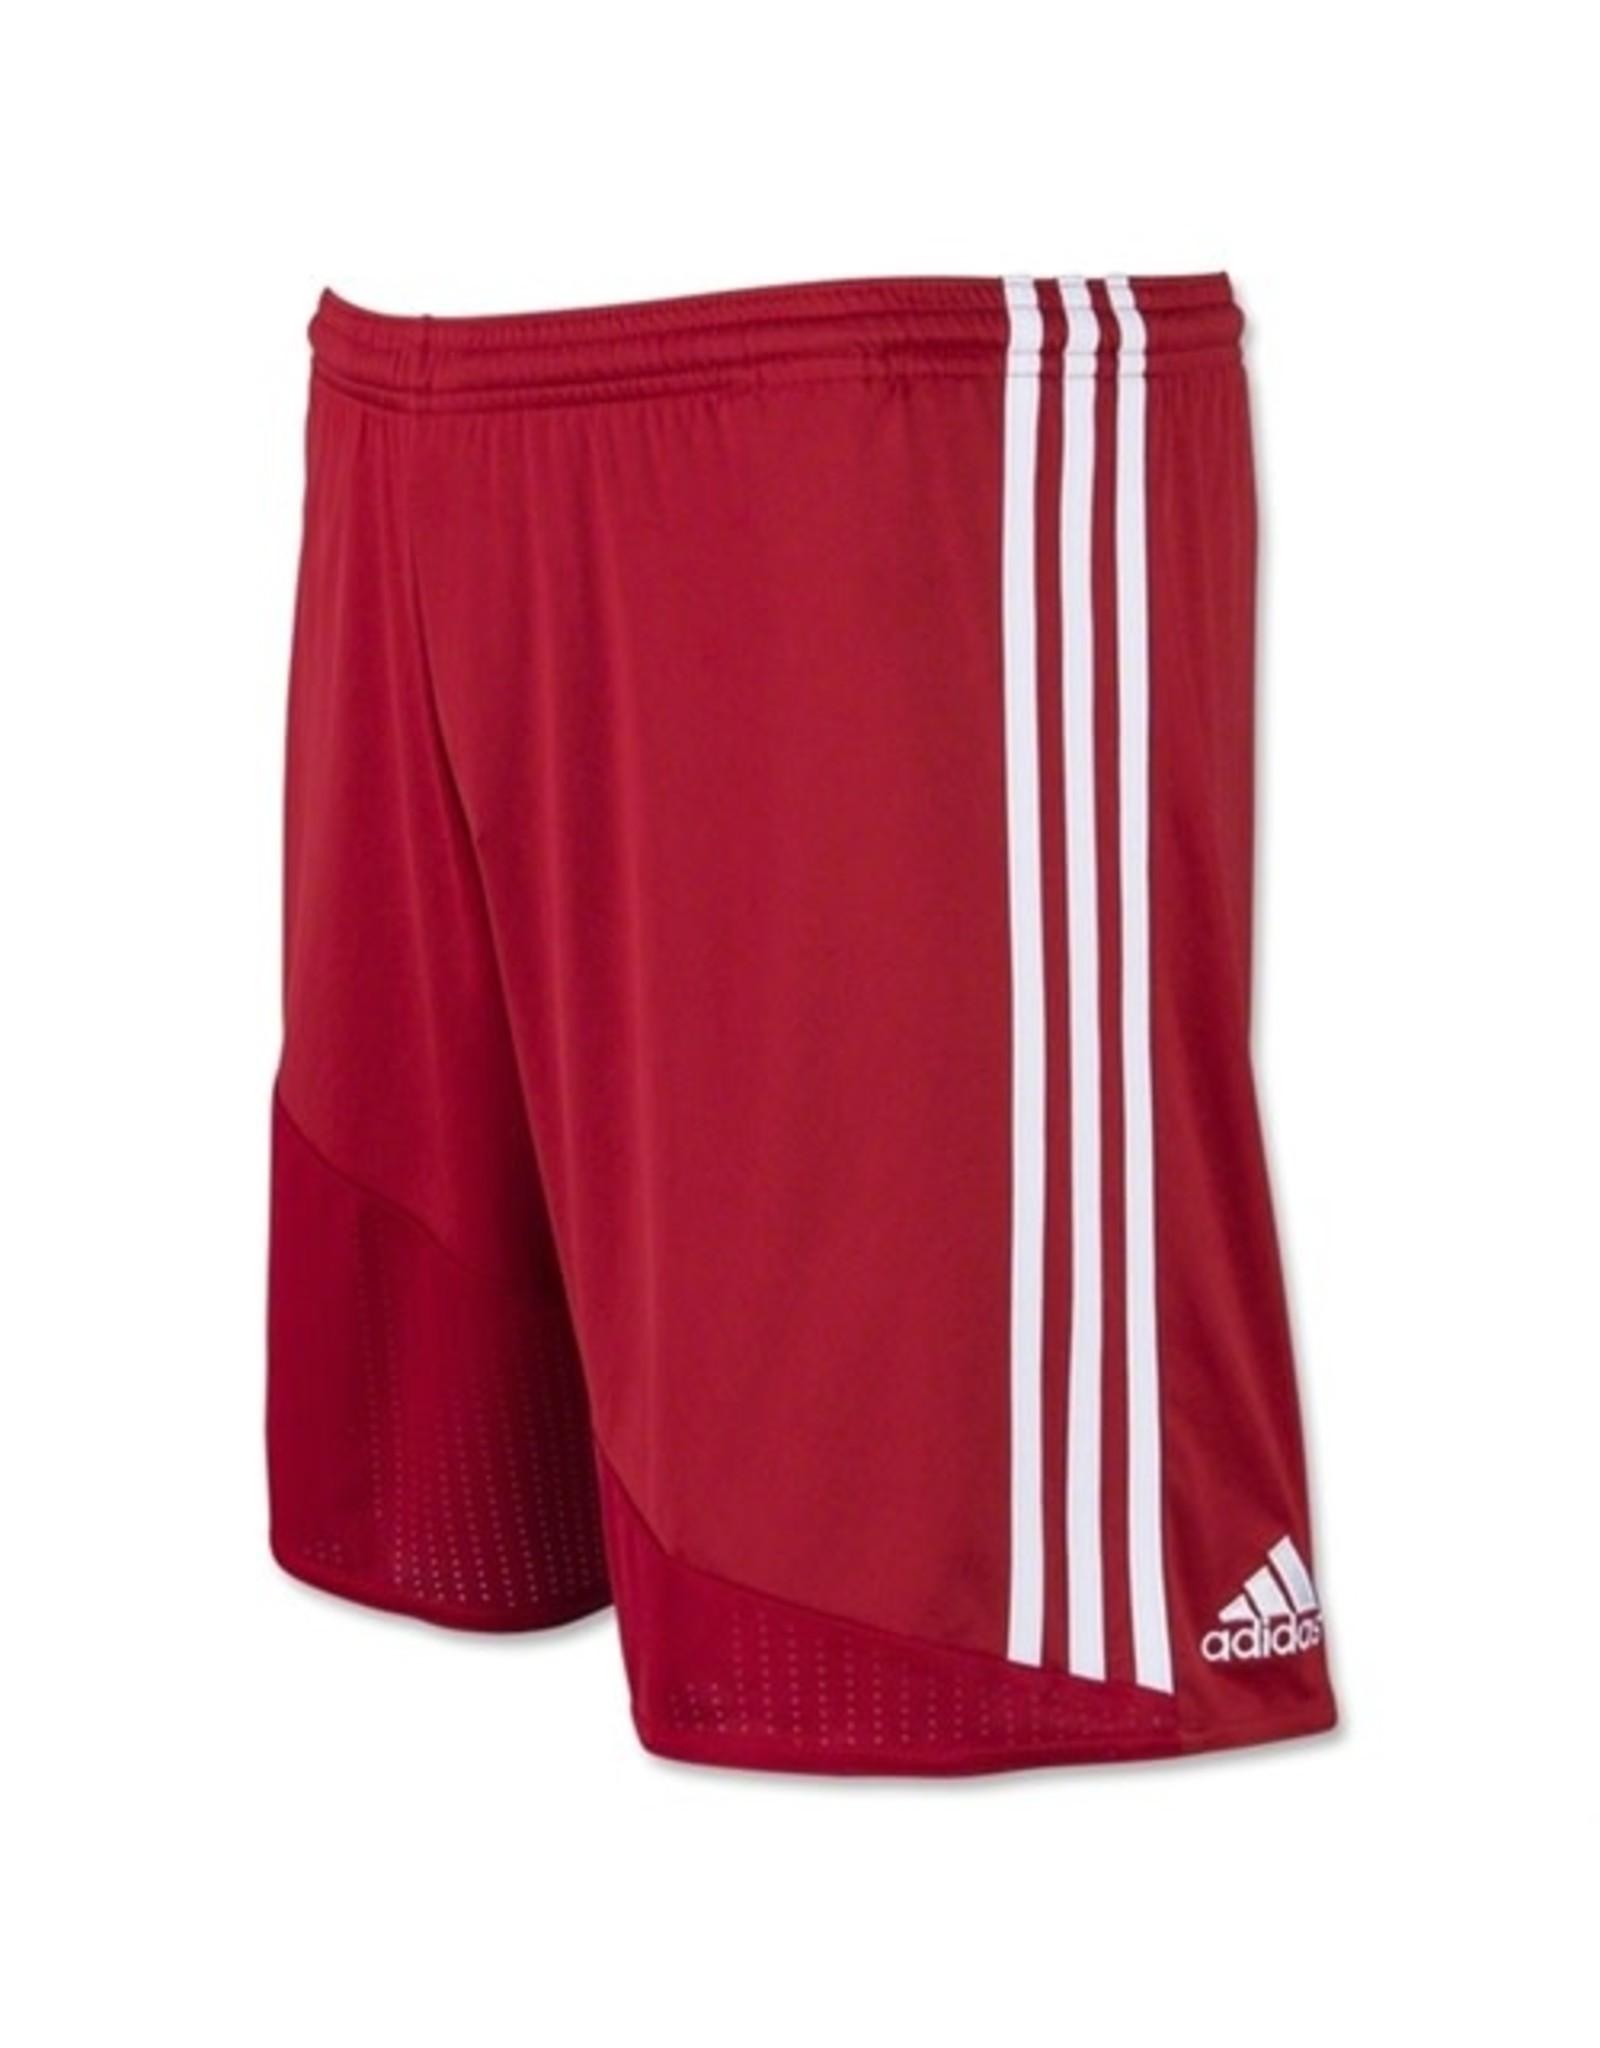 Adidas Adidas Regista 16 Short (Red)